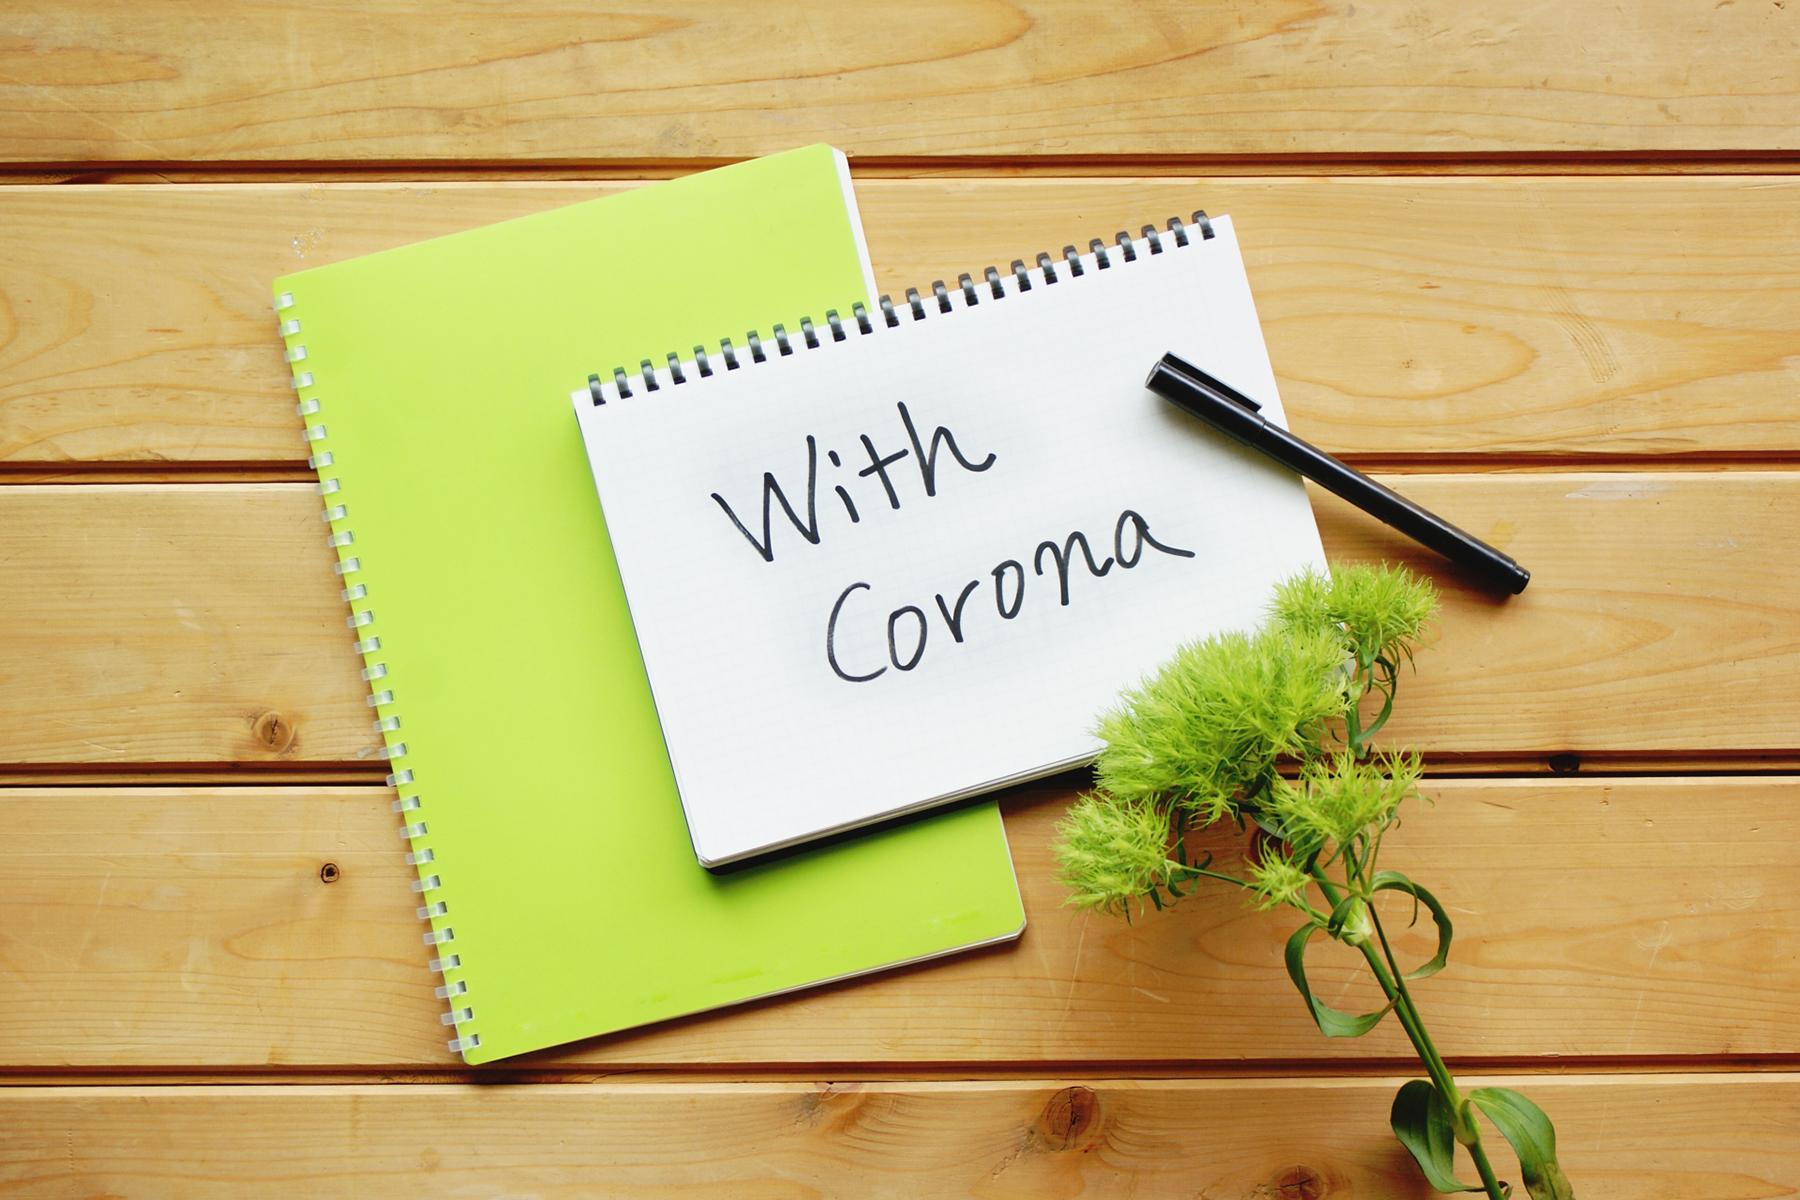 メモに書かれた「With Corona」の文字